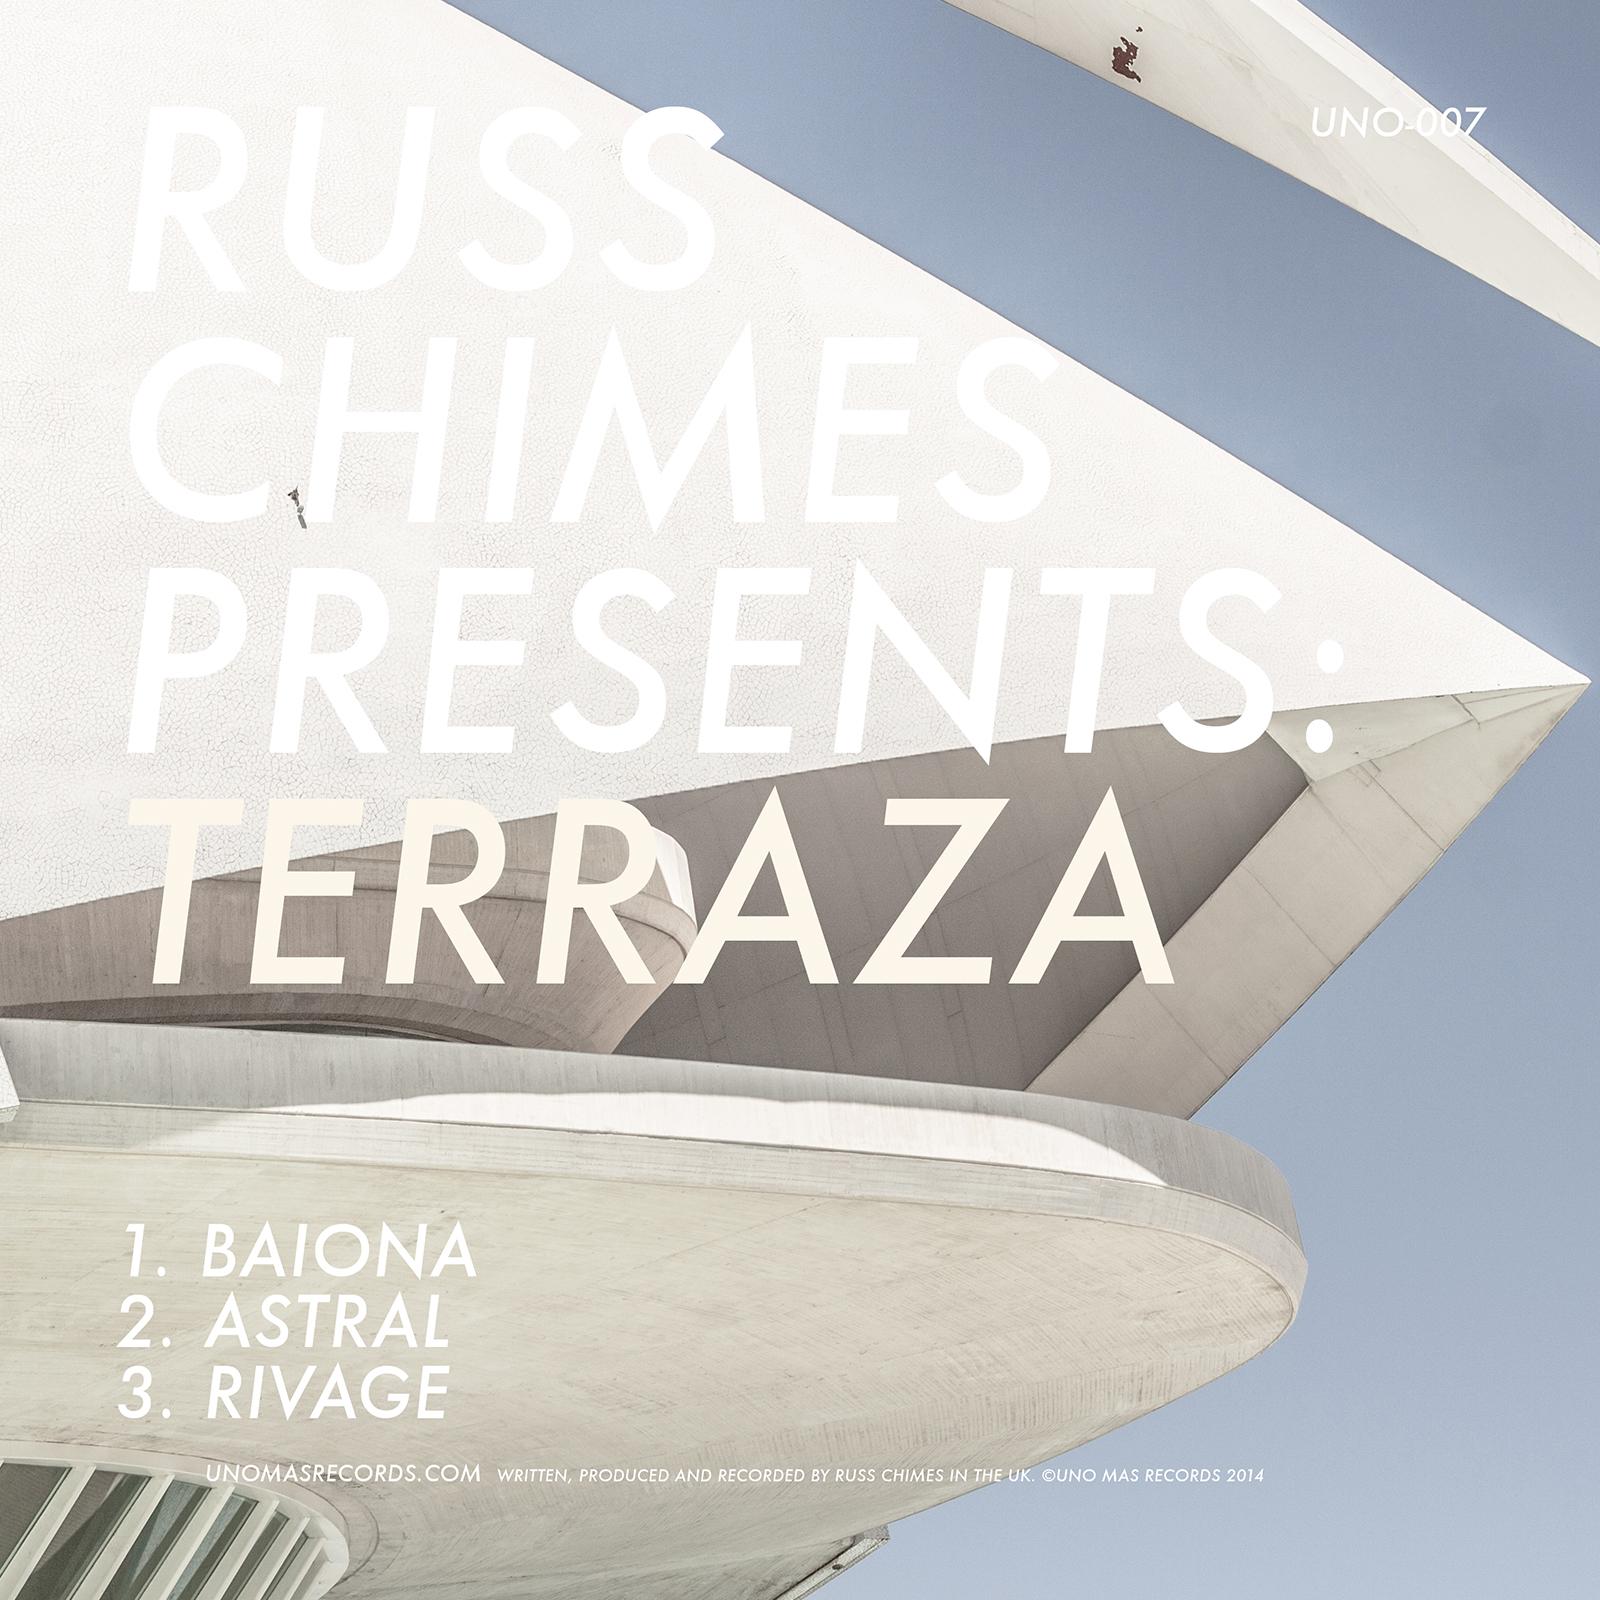 Russ Chimes Presents: Terraza Vol 1 (UNO-007)